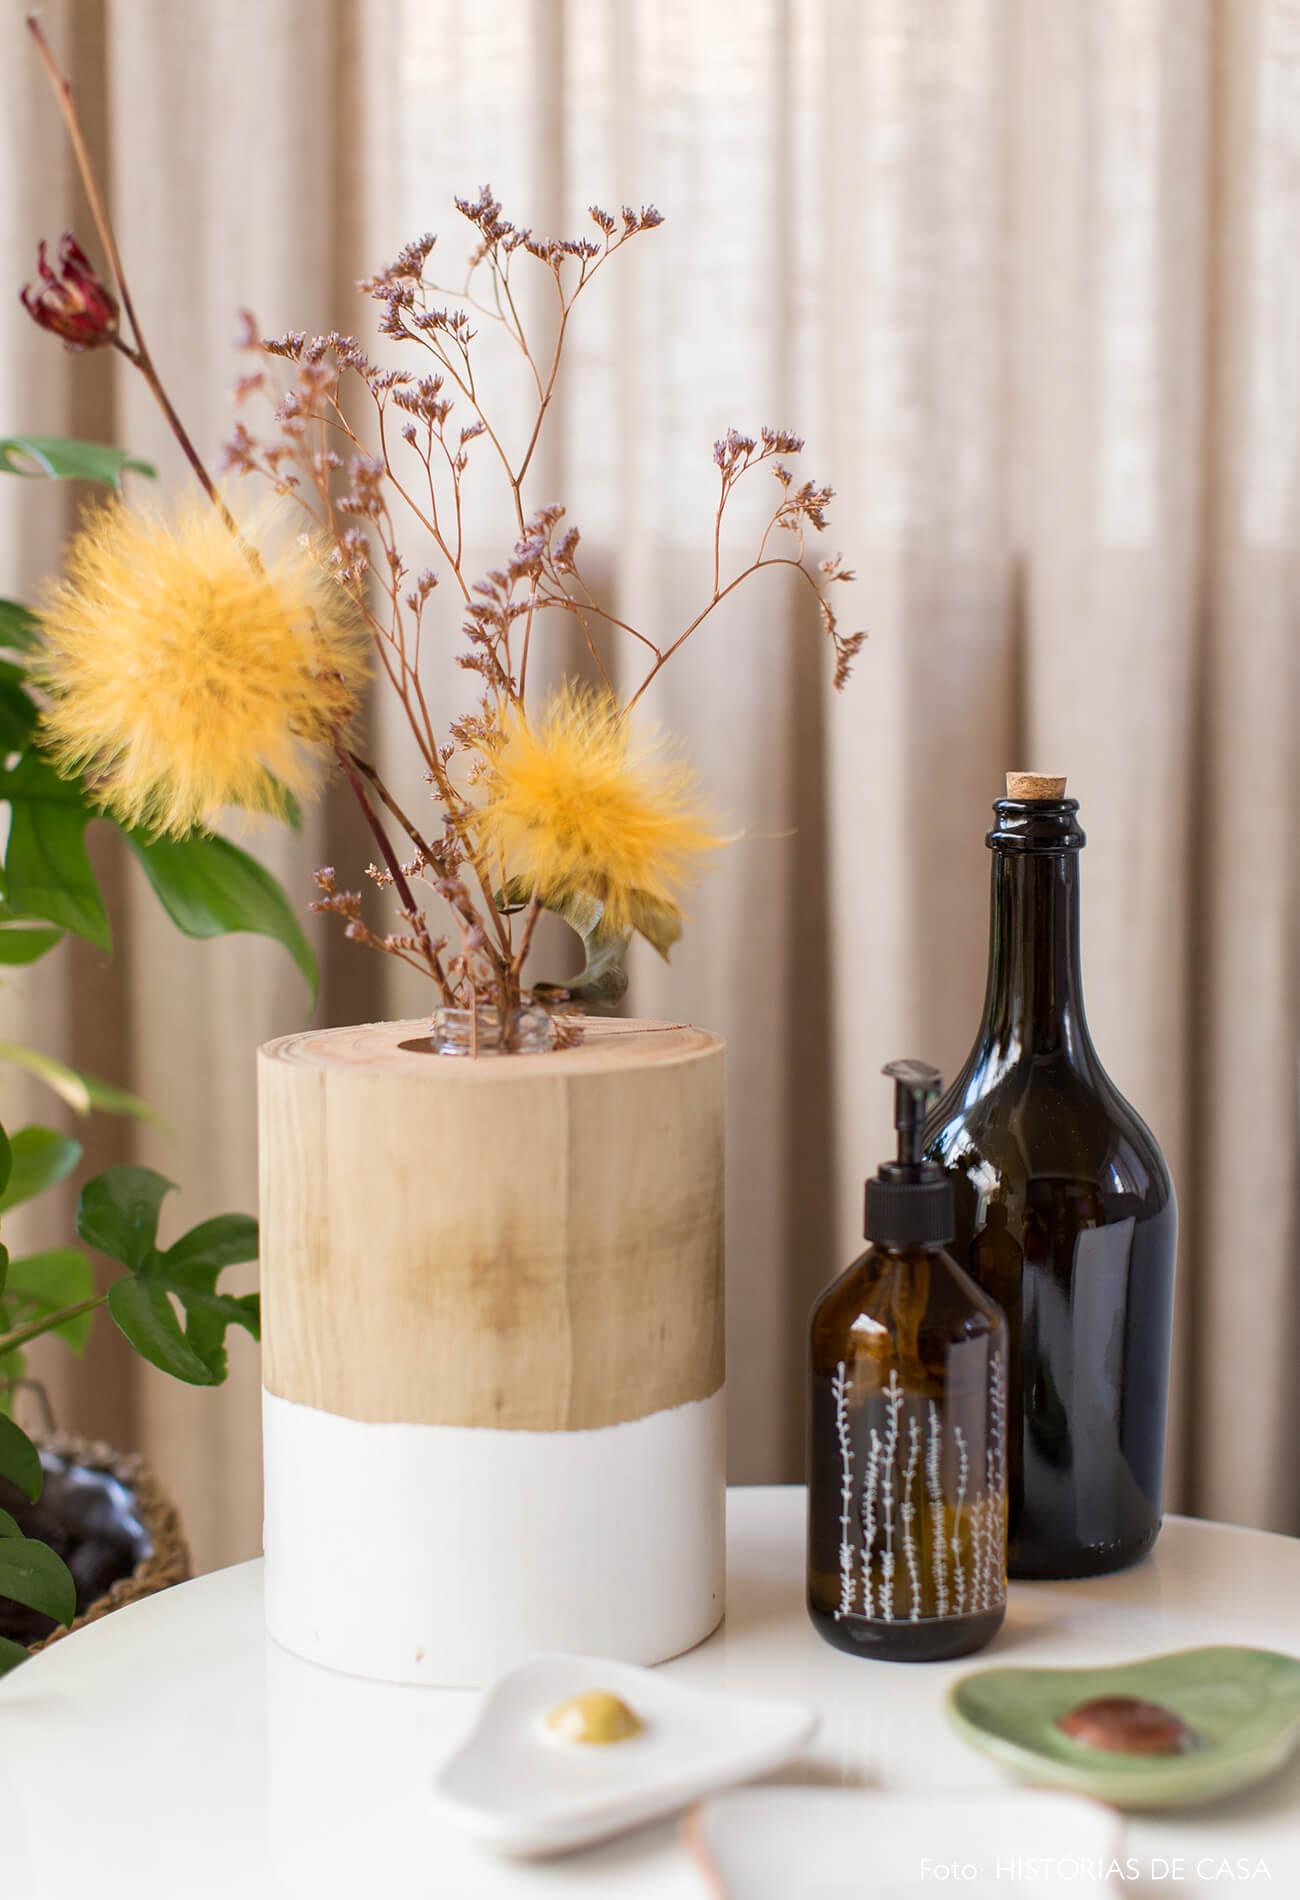 ju-cosi-decoração-detalhes-flores-e-garrafas